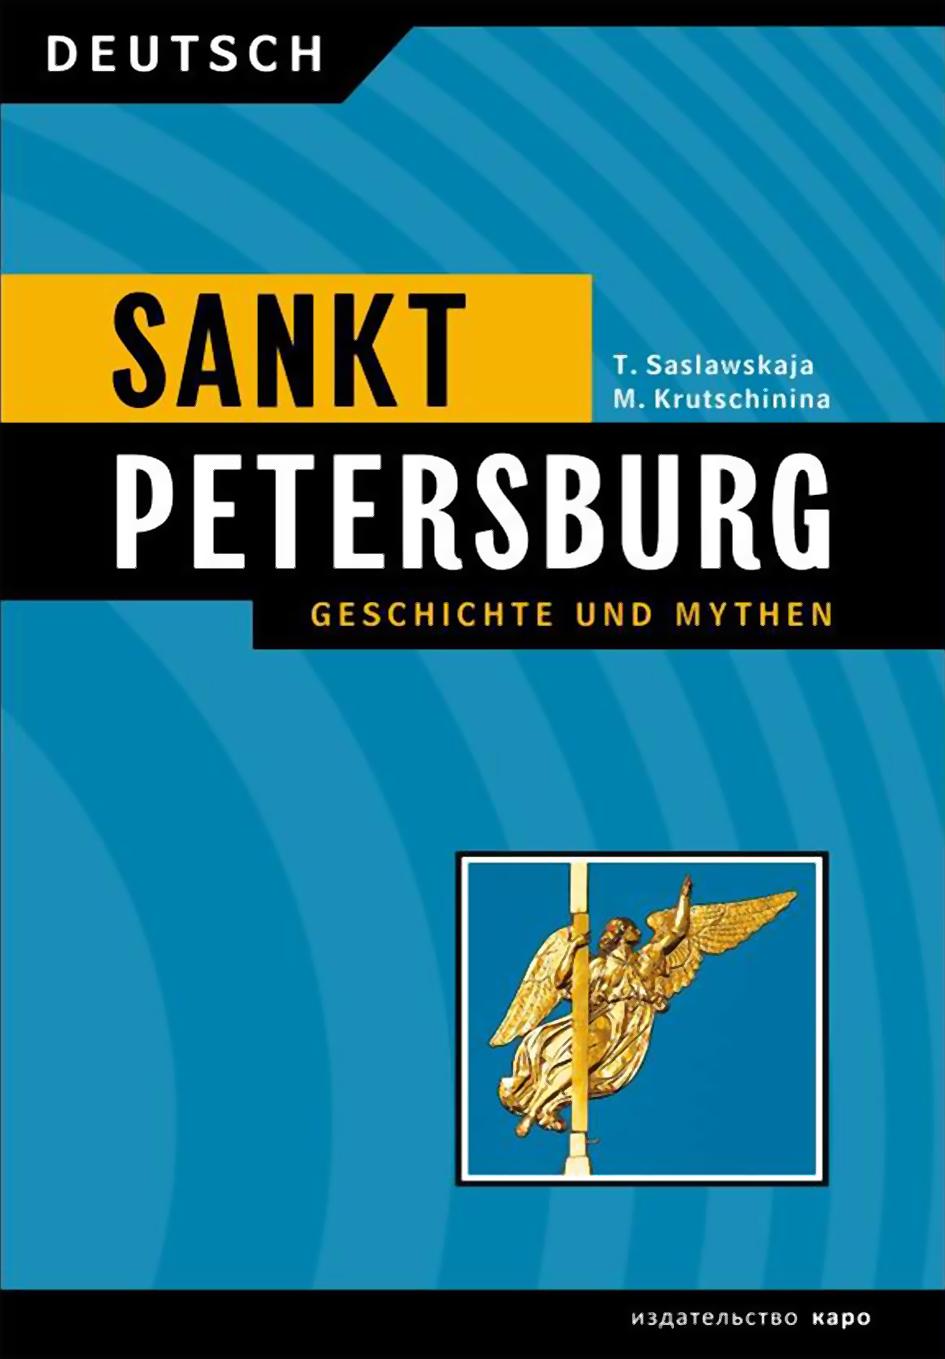 М А Кручинина Санкт-Петербург История и мифы  Sankt Peterburg Geschichte und Mythen